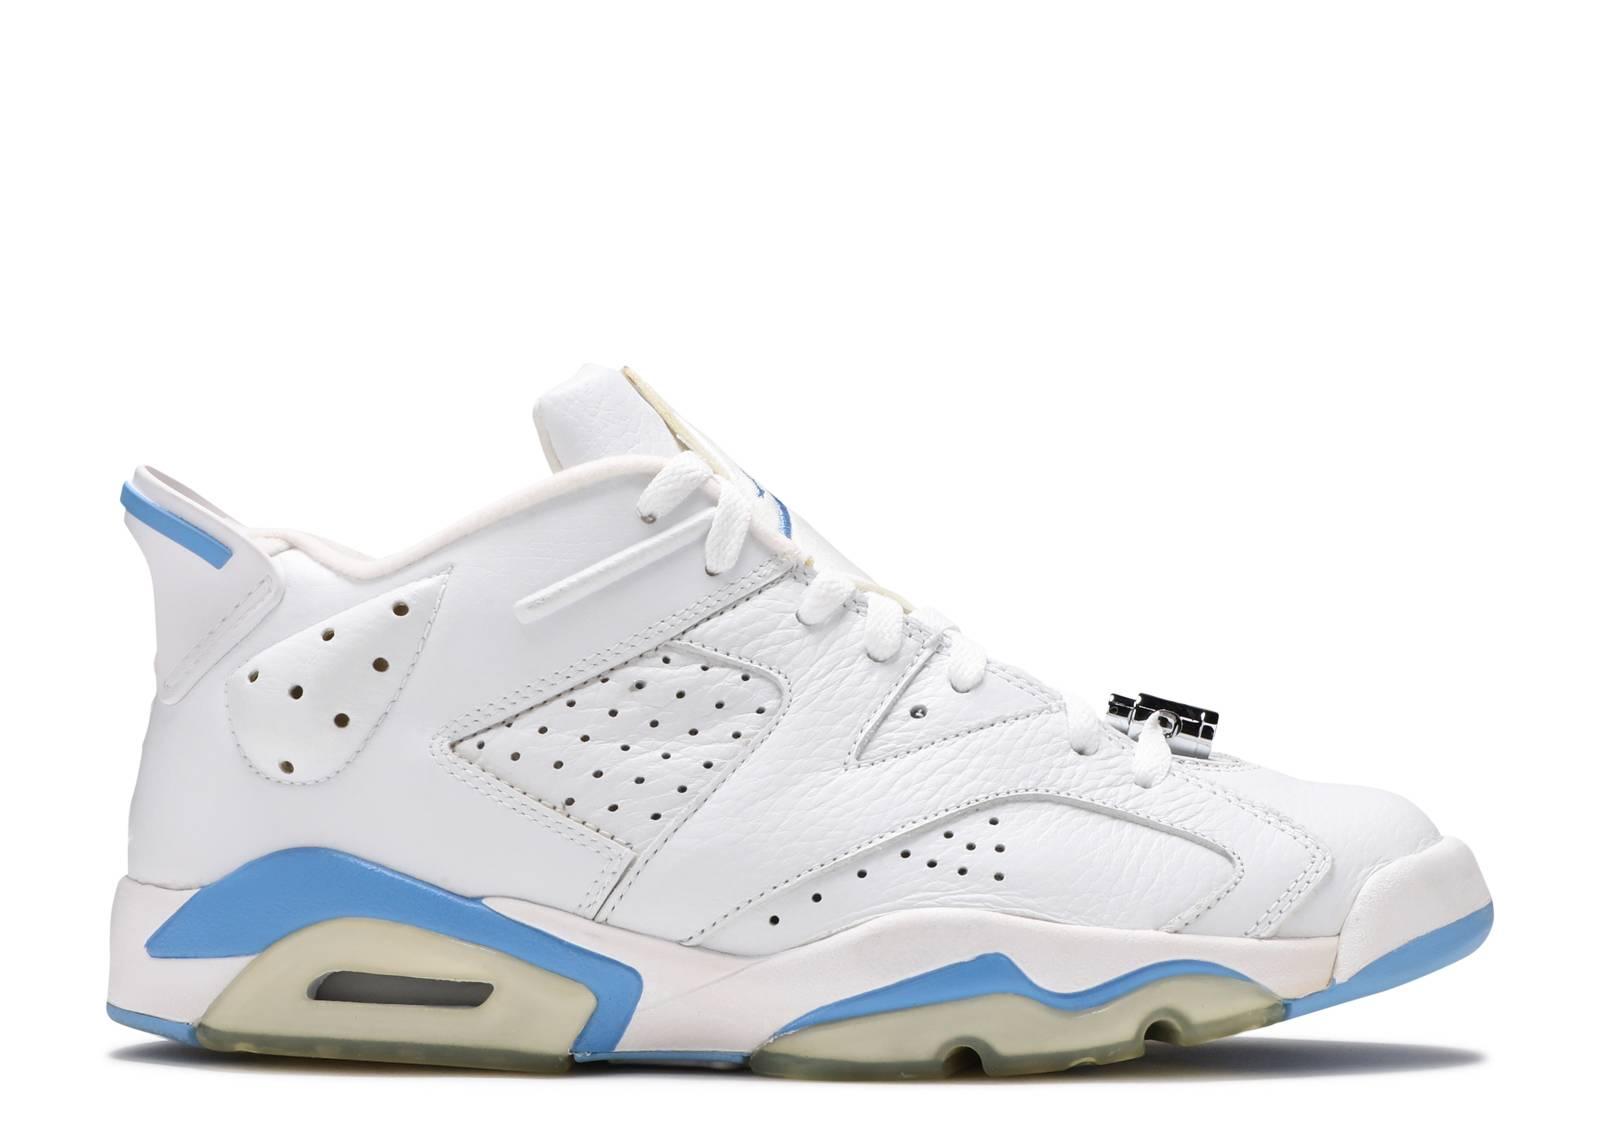 003dc438641c Air Jordan 6 Retro Low